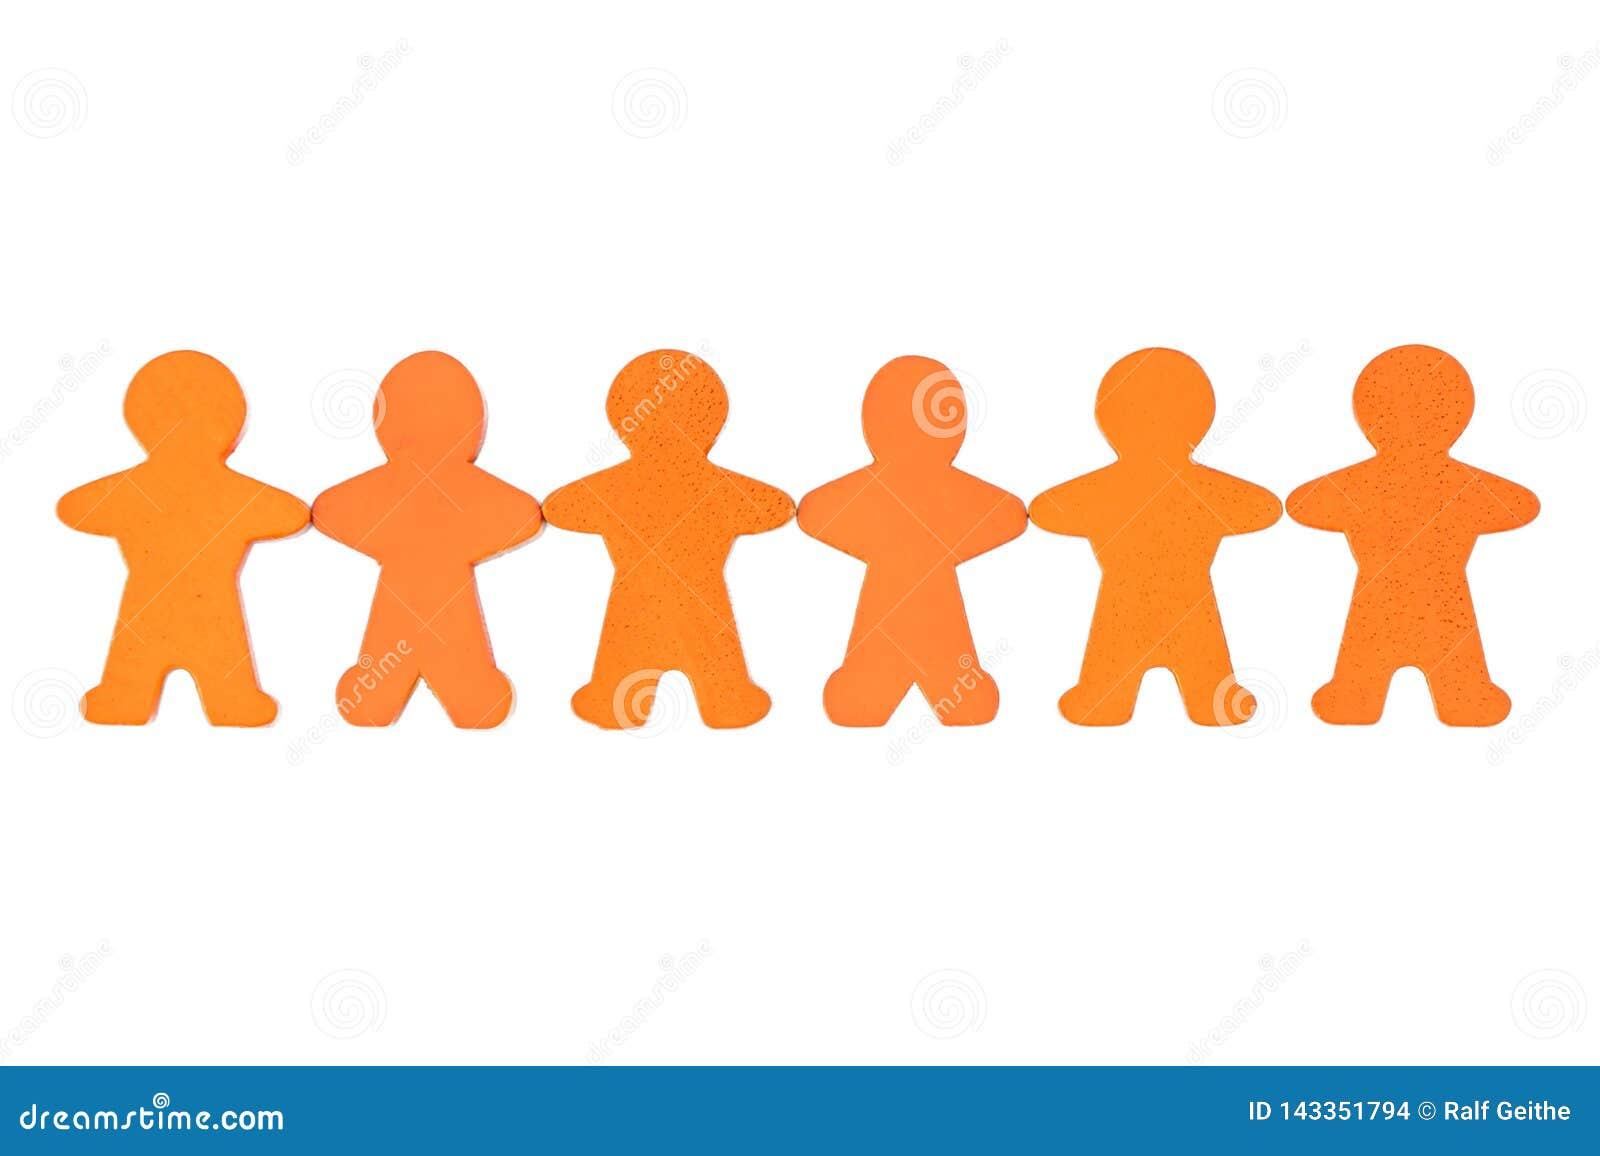 Cropped istota ludzka łańcuch pomarańczowe drewniane postacie przeciw białemu tłu